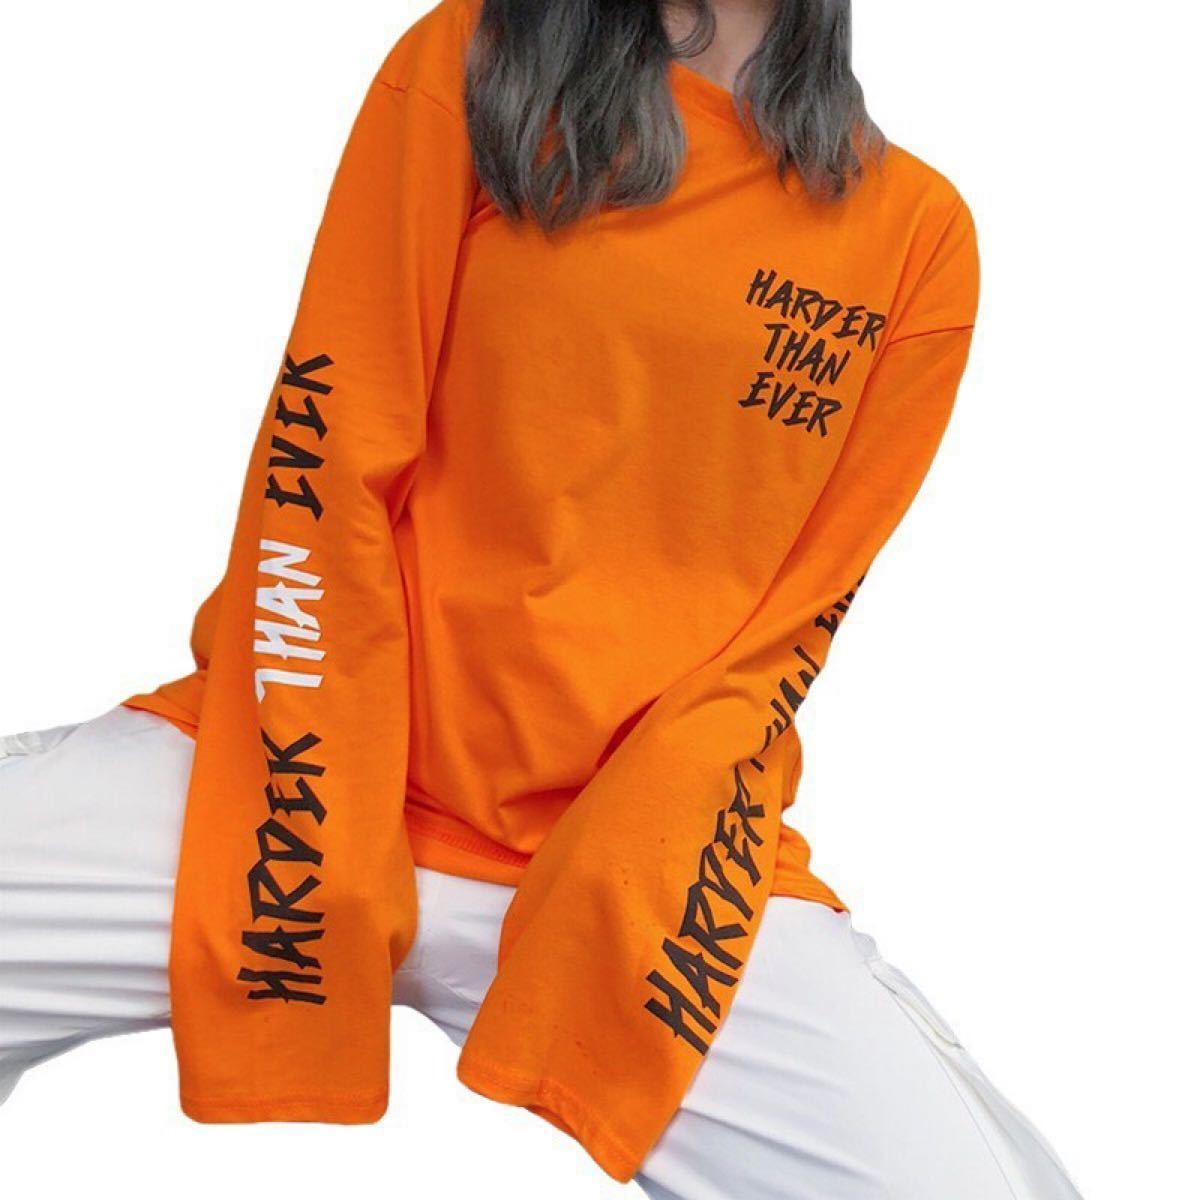 ロングTシャツ 新品未使用 大人気 男女兼用 ロンT ダンス